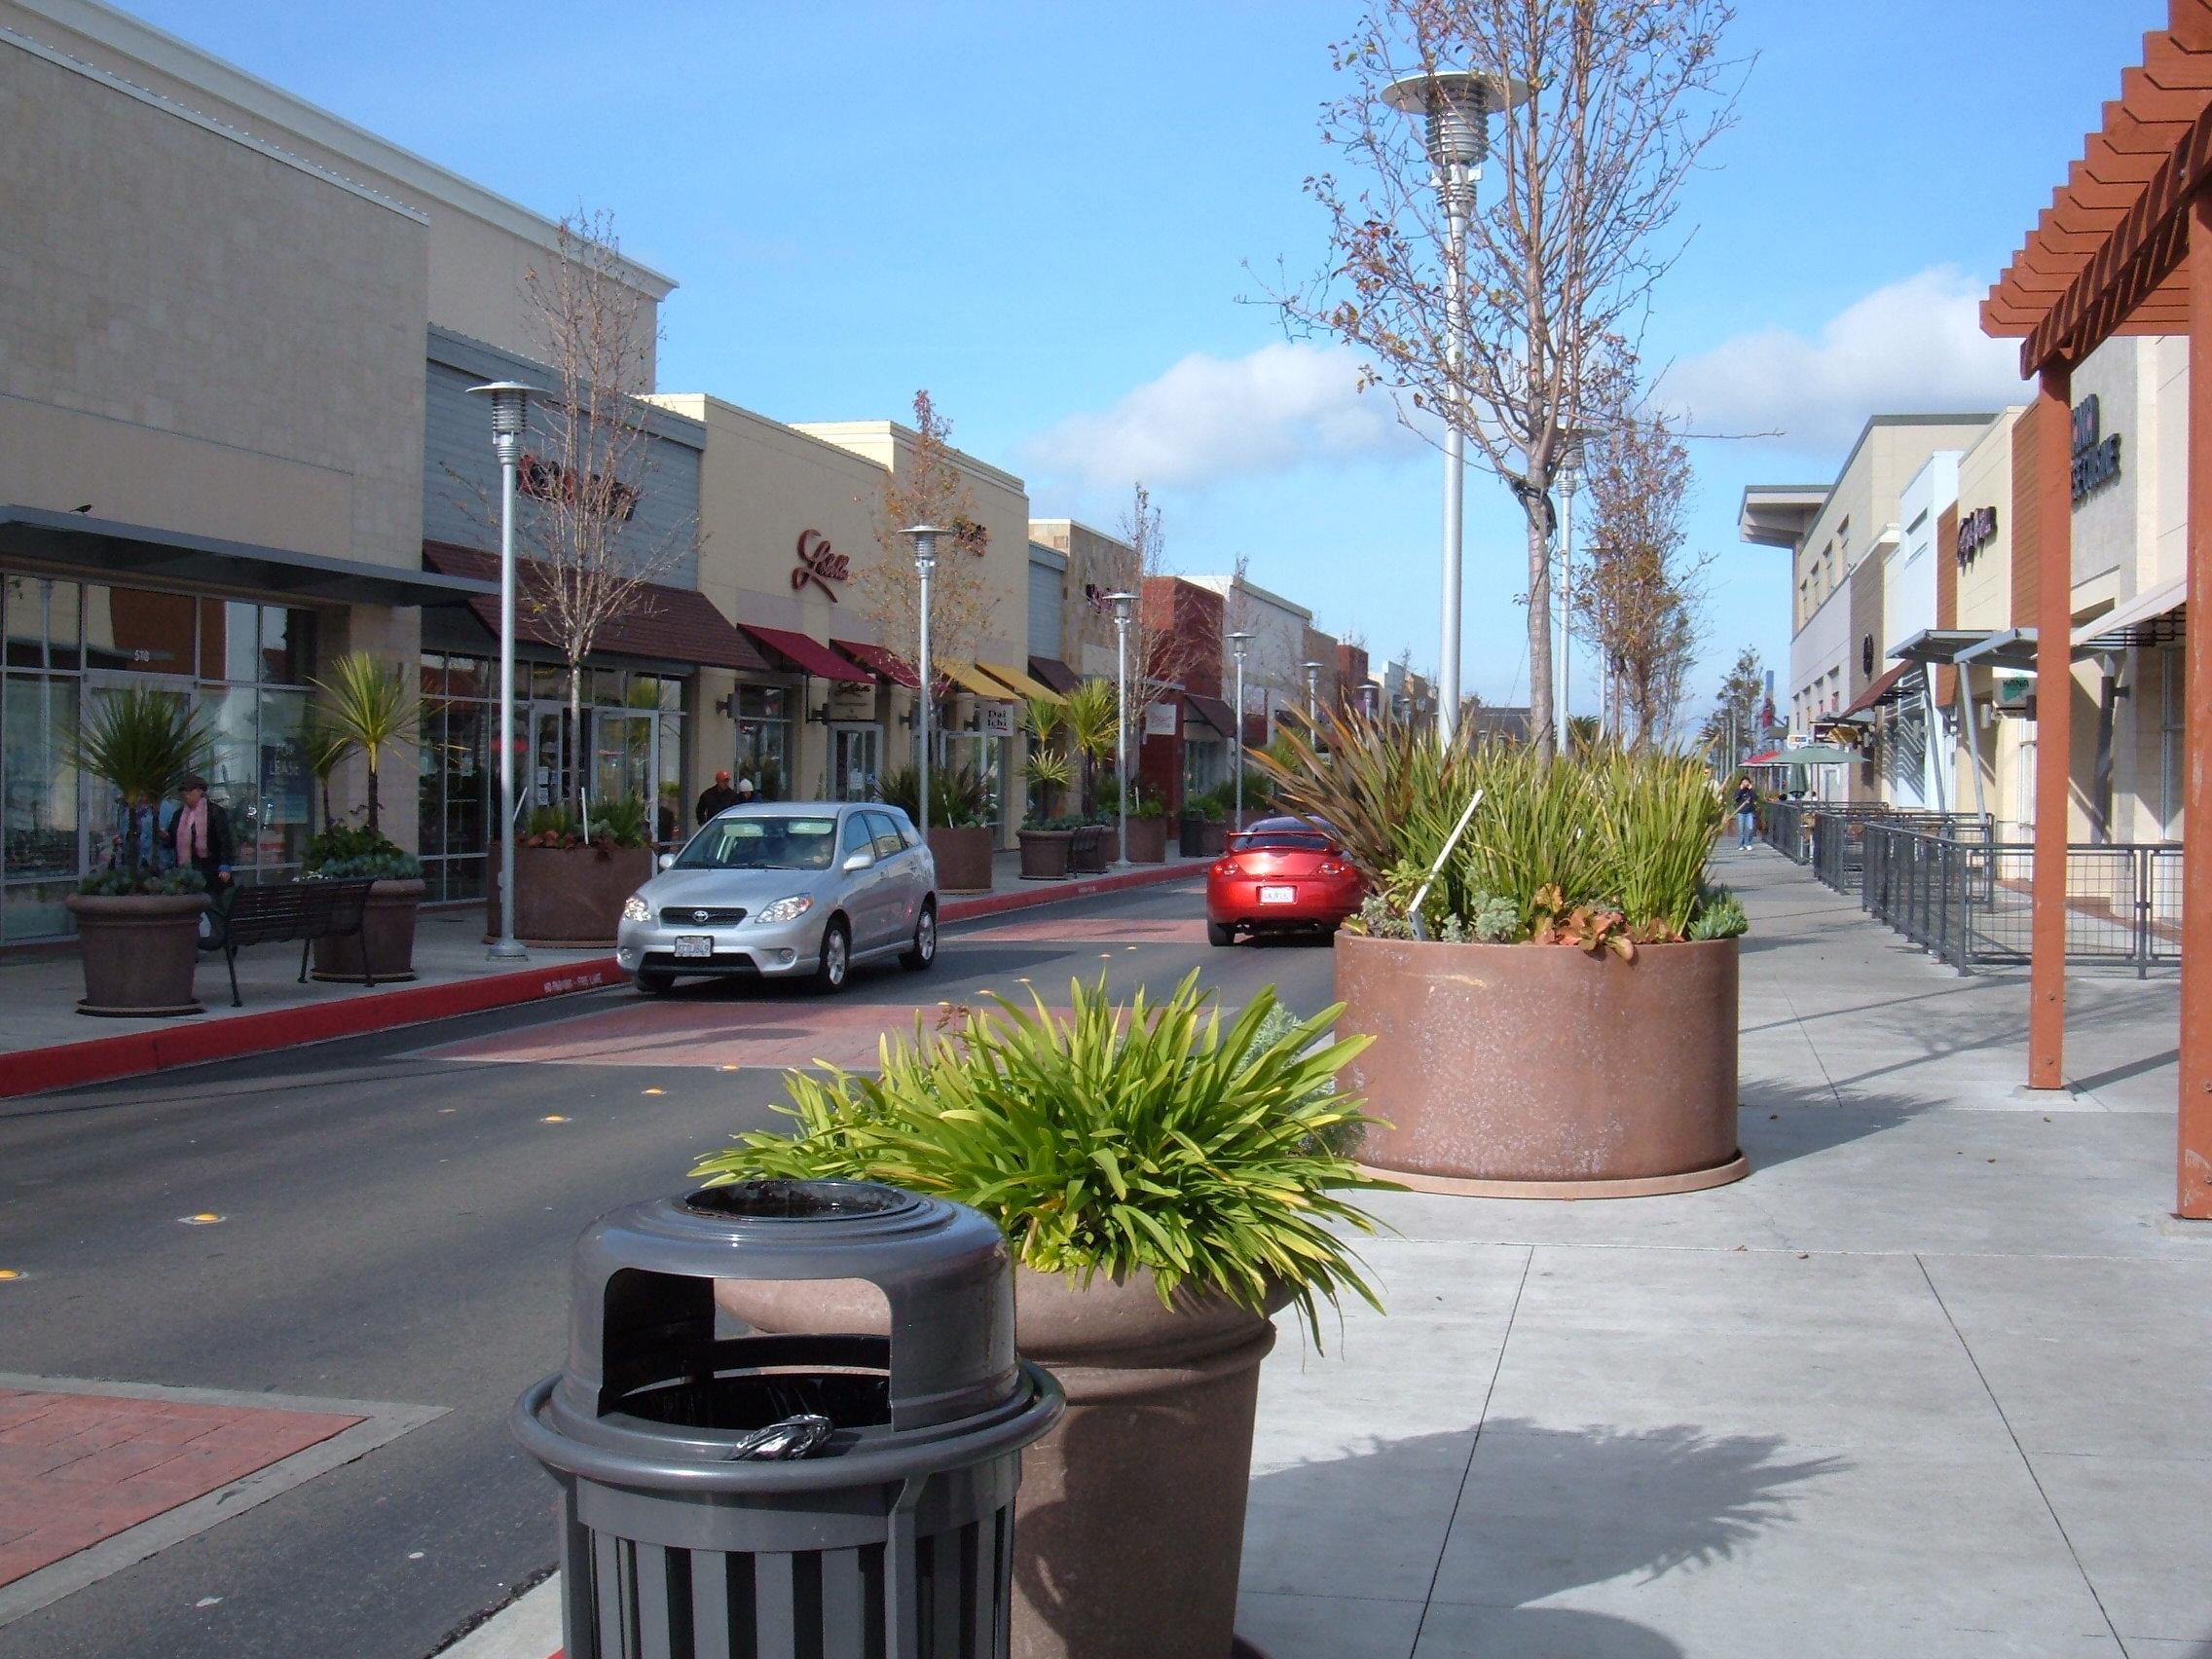 westlake shopping center - wikipedia